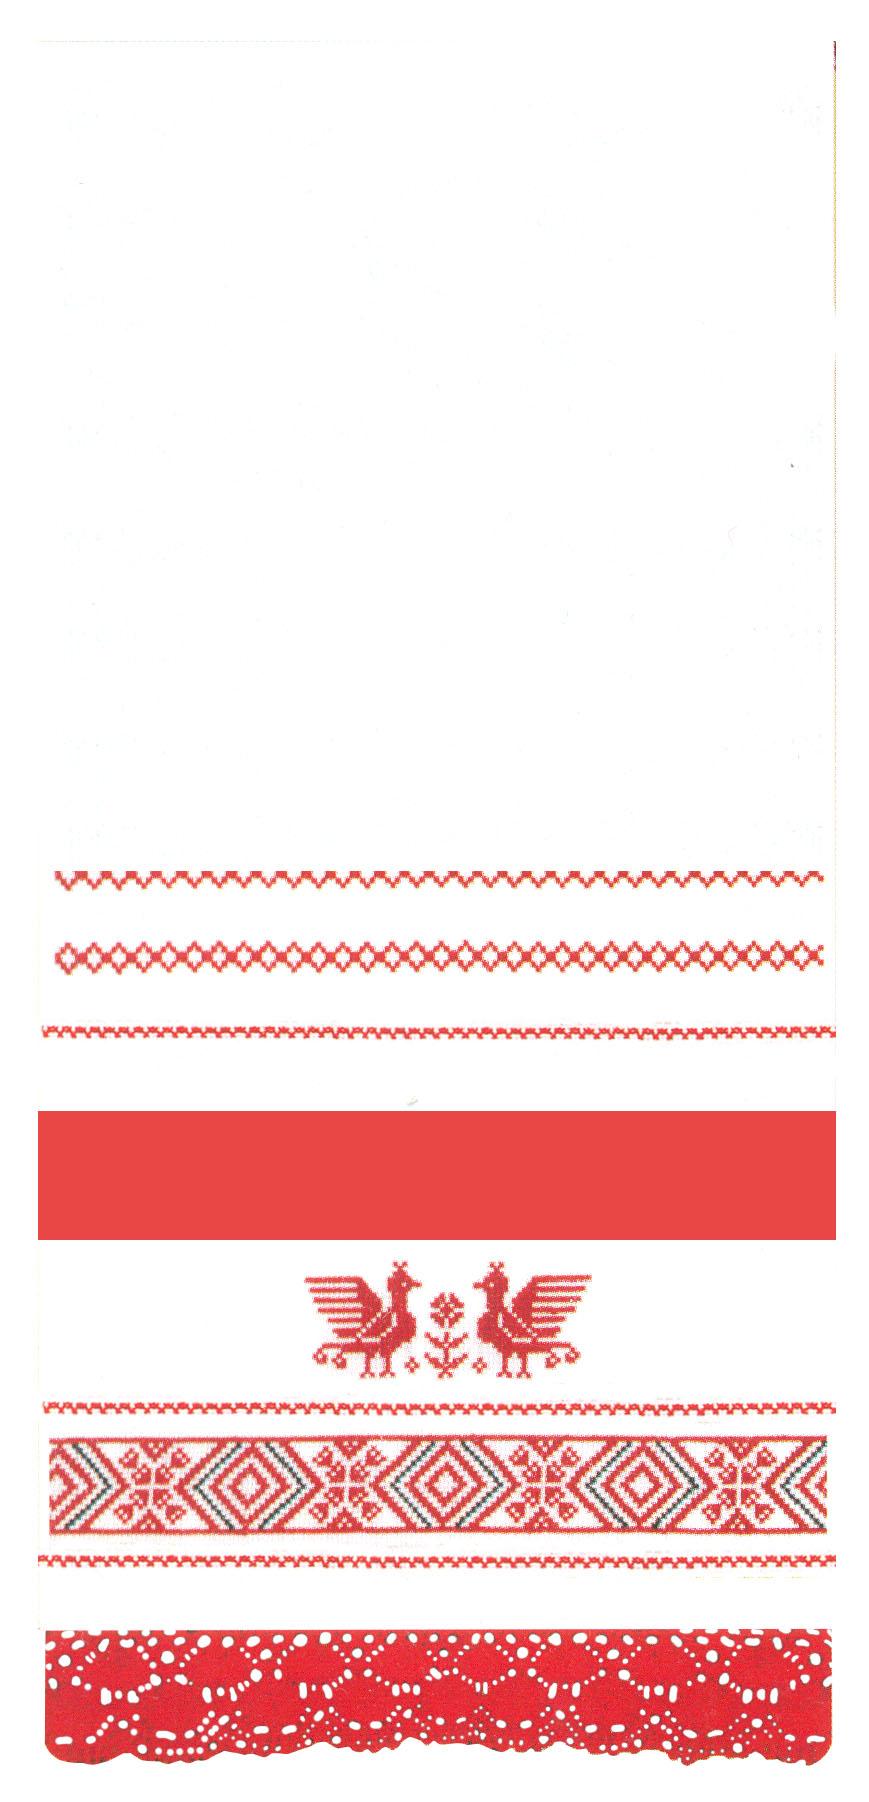 Набор для вышивания крестом Рушник, 160 см х 40 см. 002(п)680092